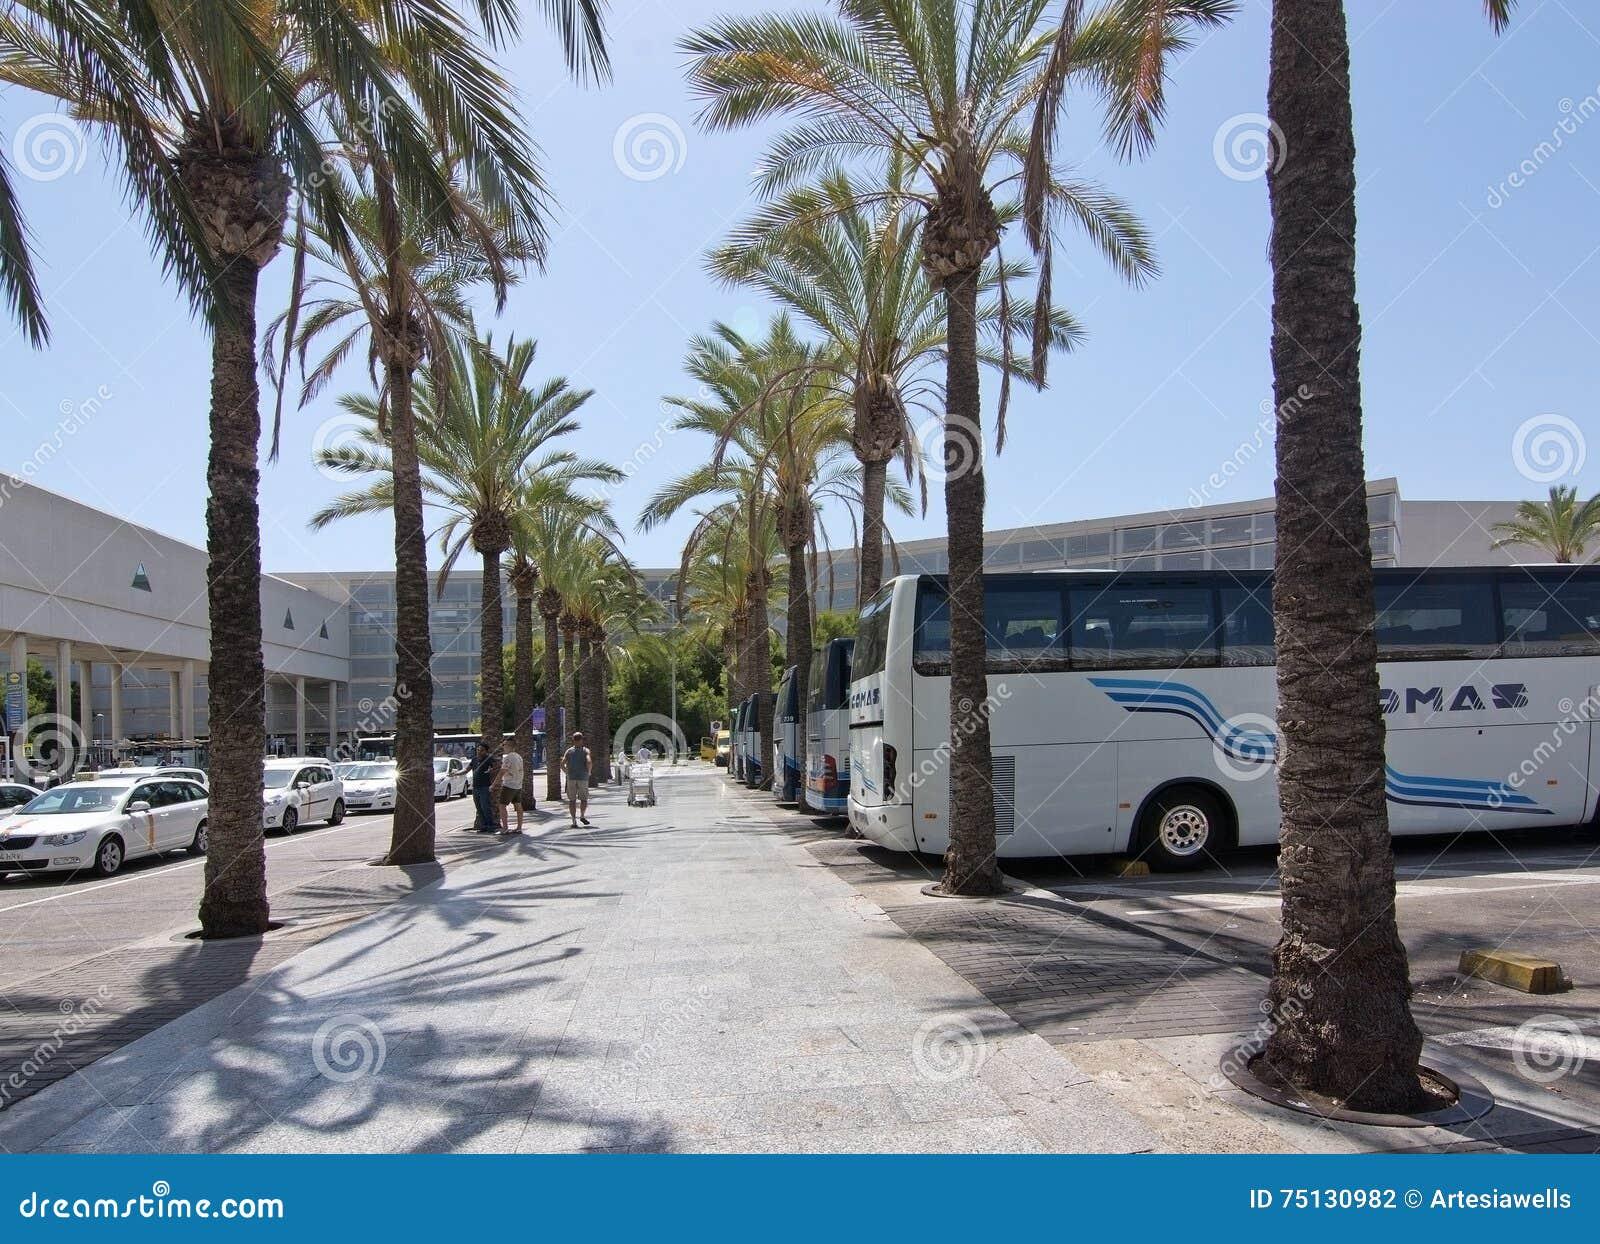 A roport de palma de mallorca en juillet photographie - En palma de mallorca ...